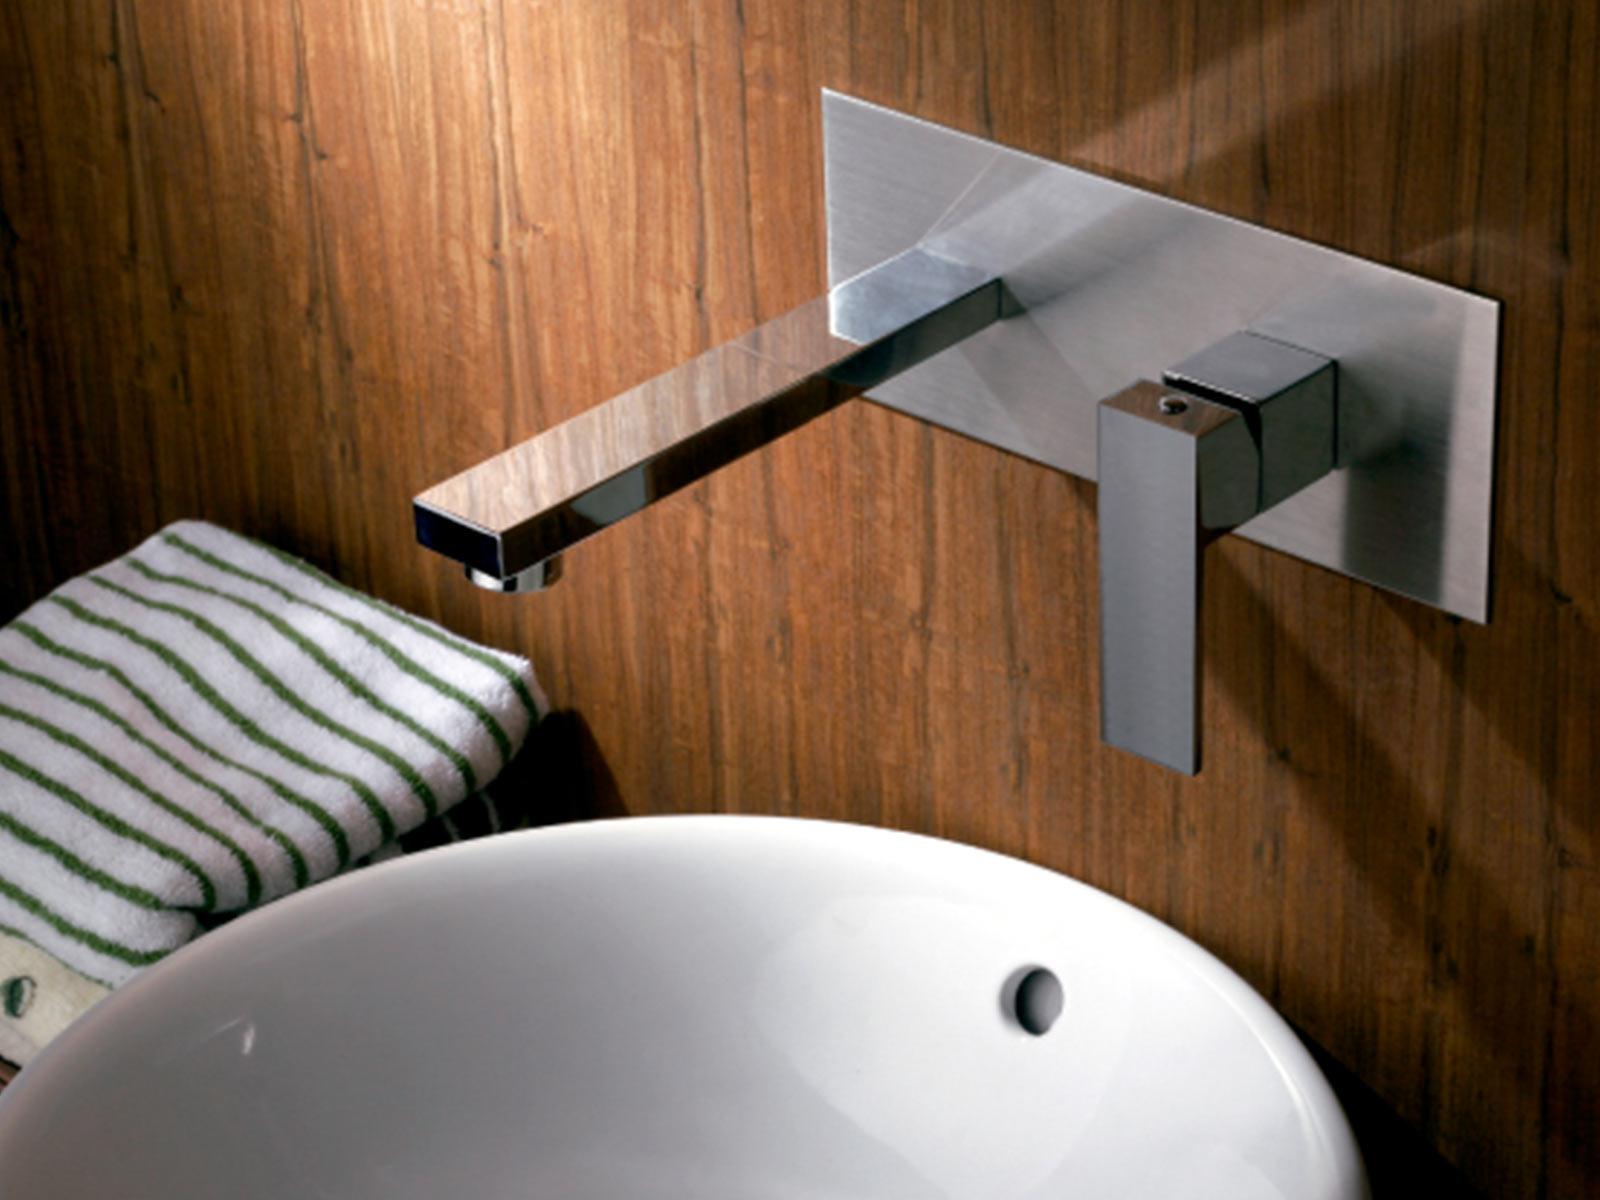 Monomando lavabo de empotrar Tizziano, cromo.